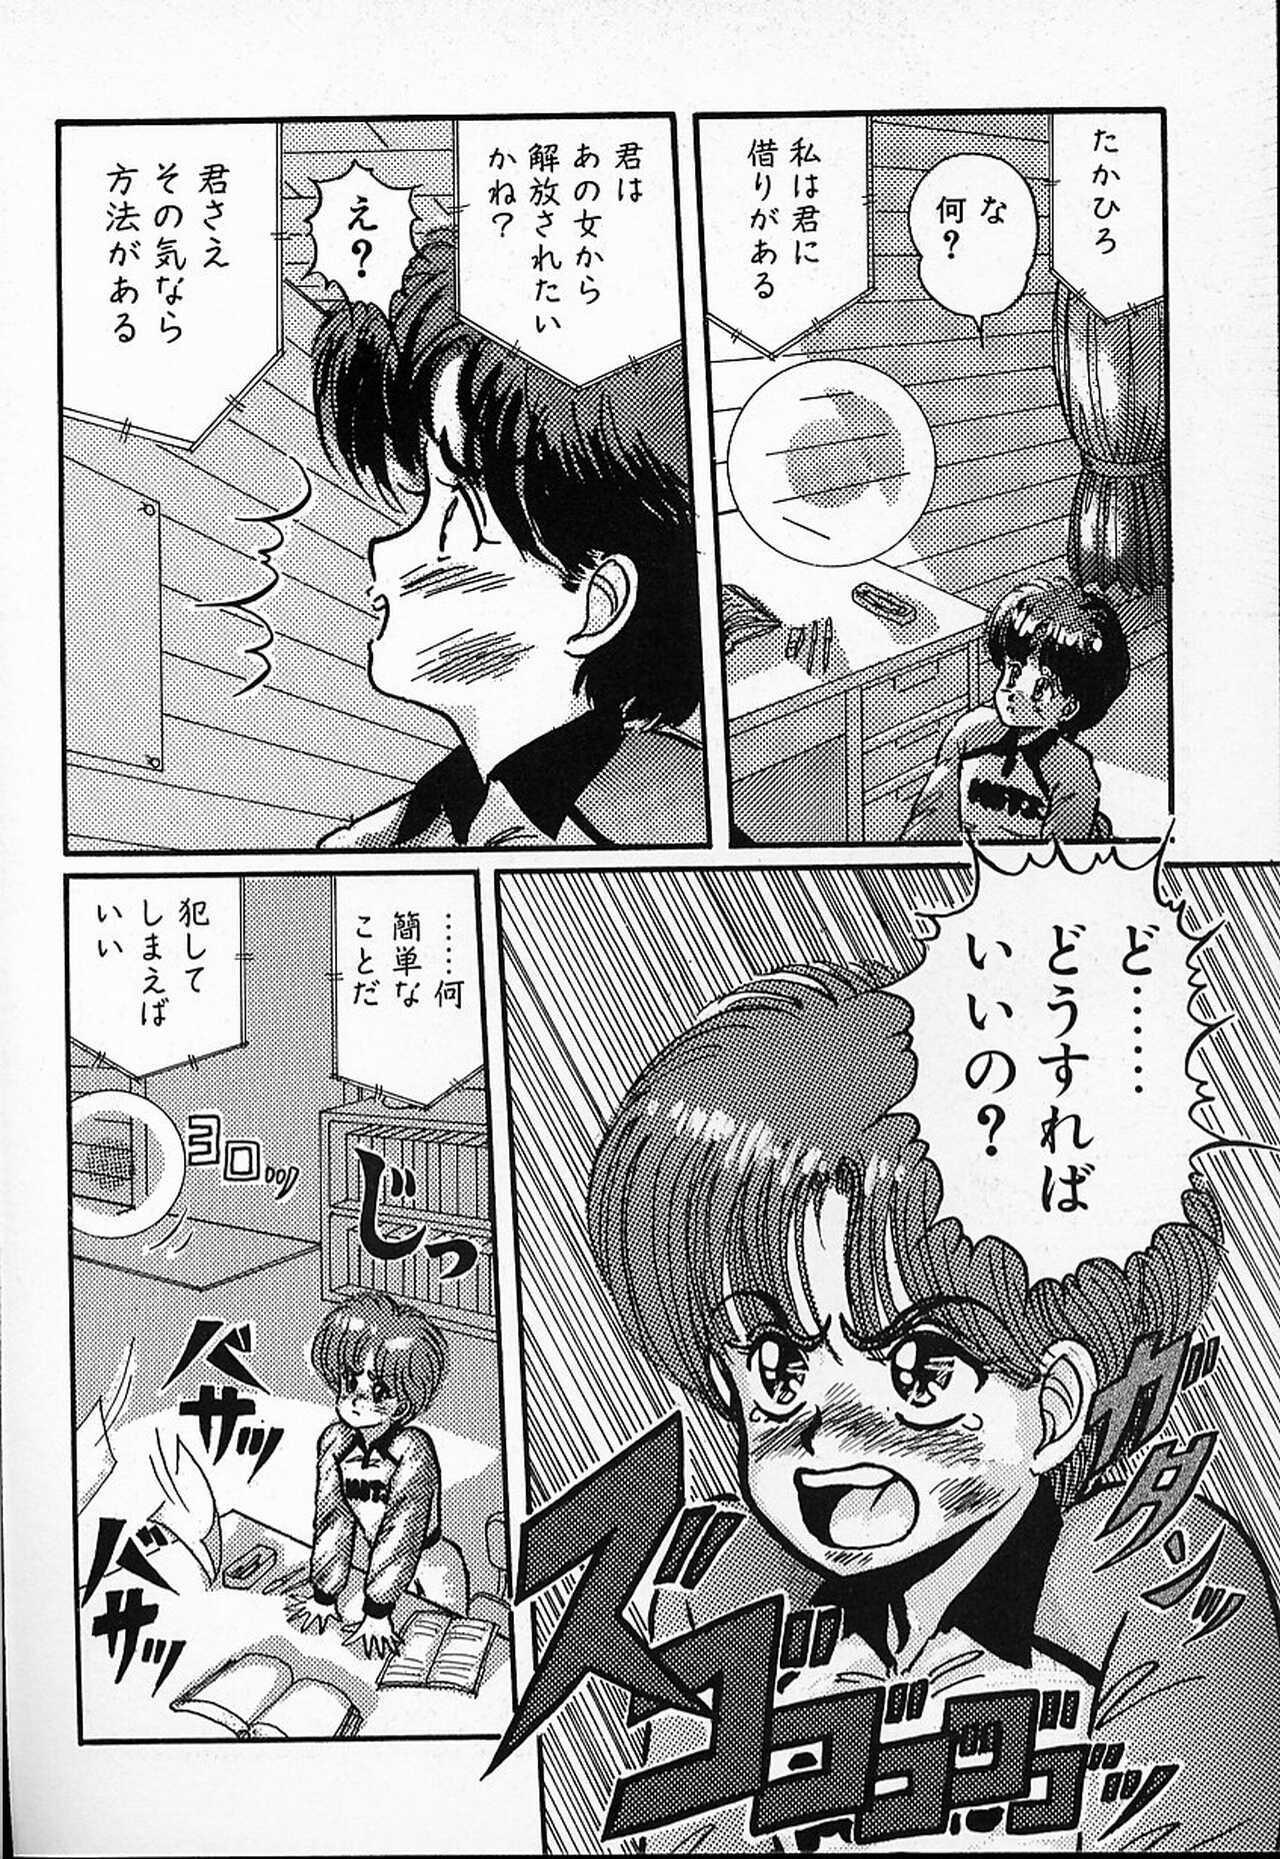 DOKU KINOKO 1 72